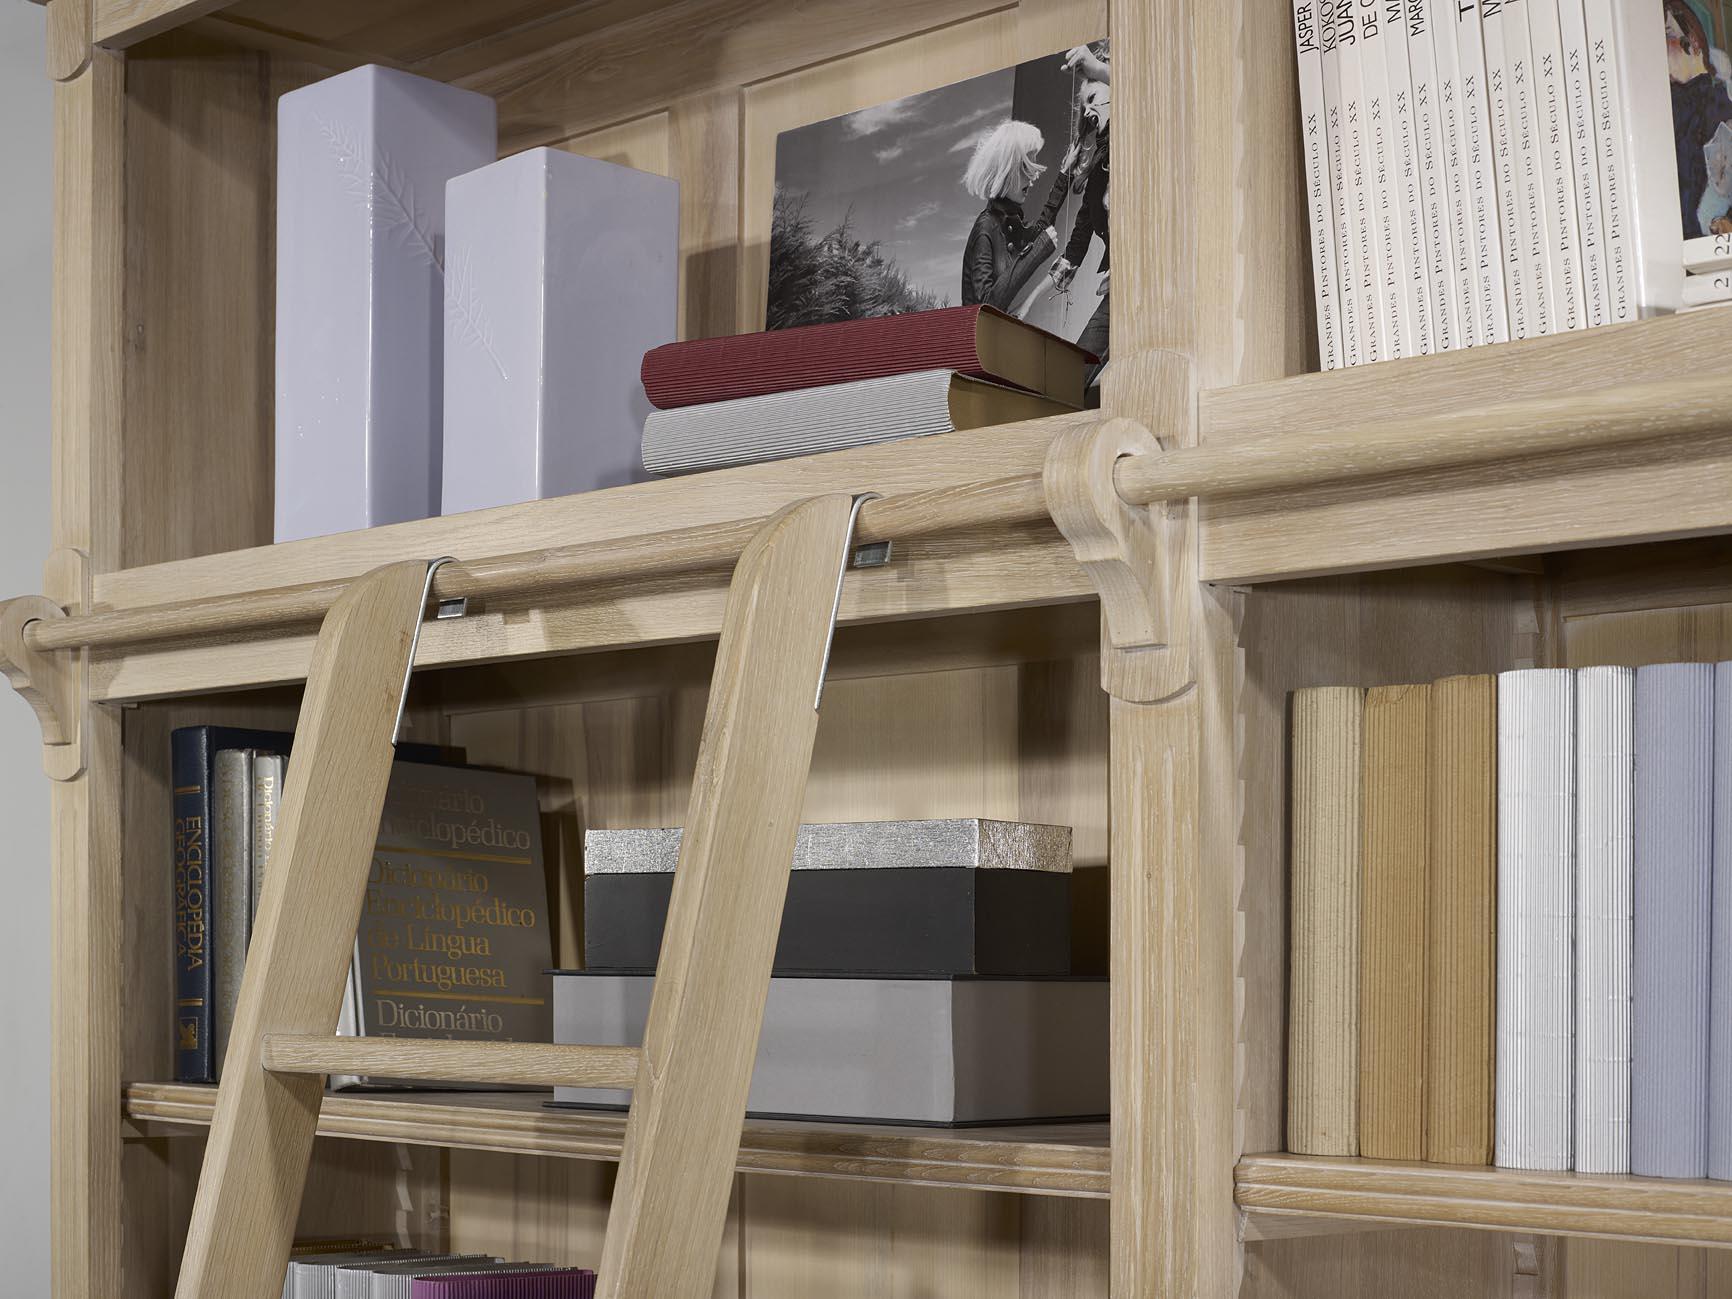 meuble en chne bibliothque 2 corps 4 portes ralise en chne massif de style directoire avec echelle. Black Bedroom Furniture Sets. Home Design Ideas